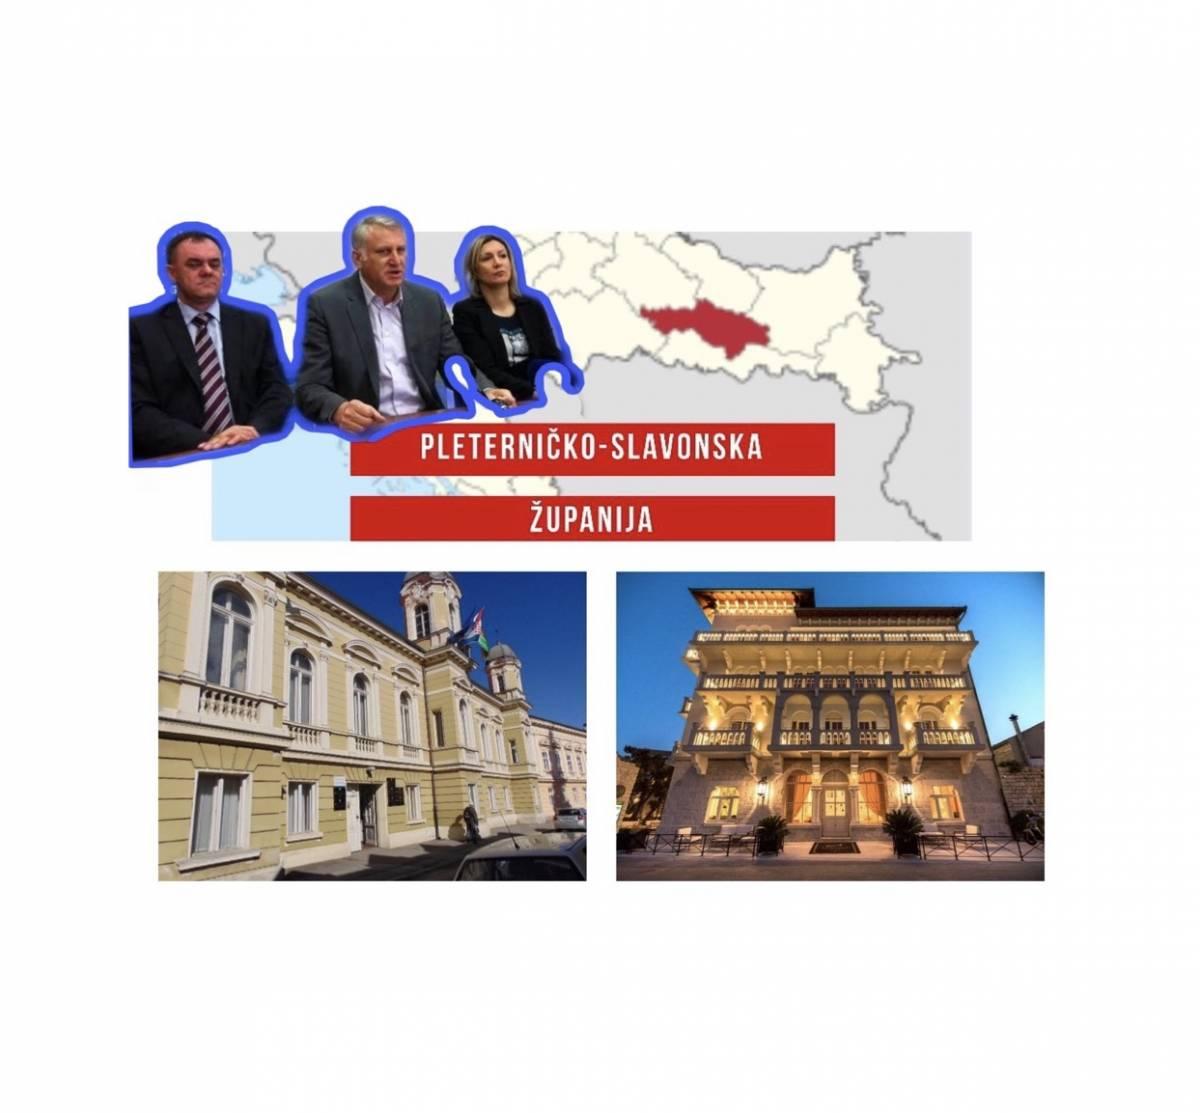 EVO GA : Jednostavno riješen problem Hotela na Rabu, a županija mijenja ime u PLETERNIČKO-slavonsku županiju?